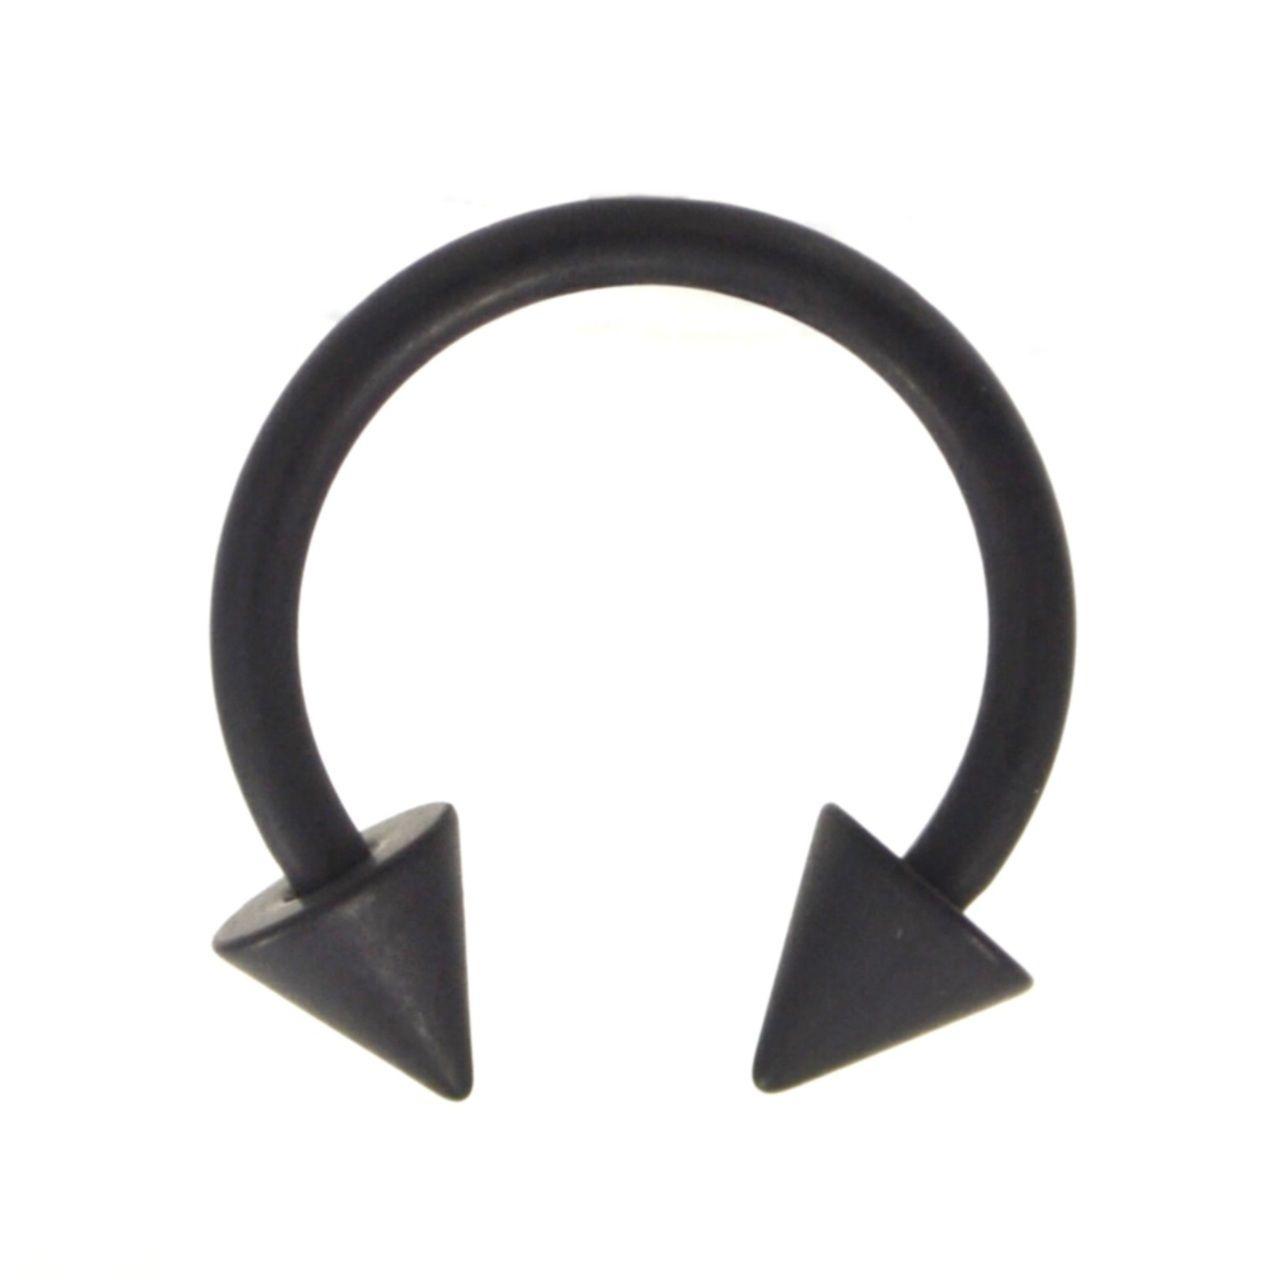 Black Matte Spiked Circular Horseshoe Ring 16g 3 Sizes Septum